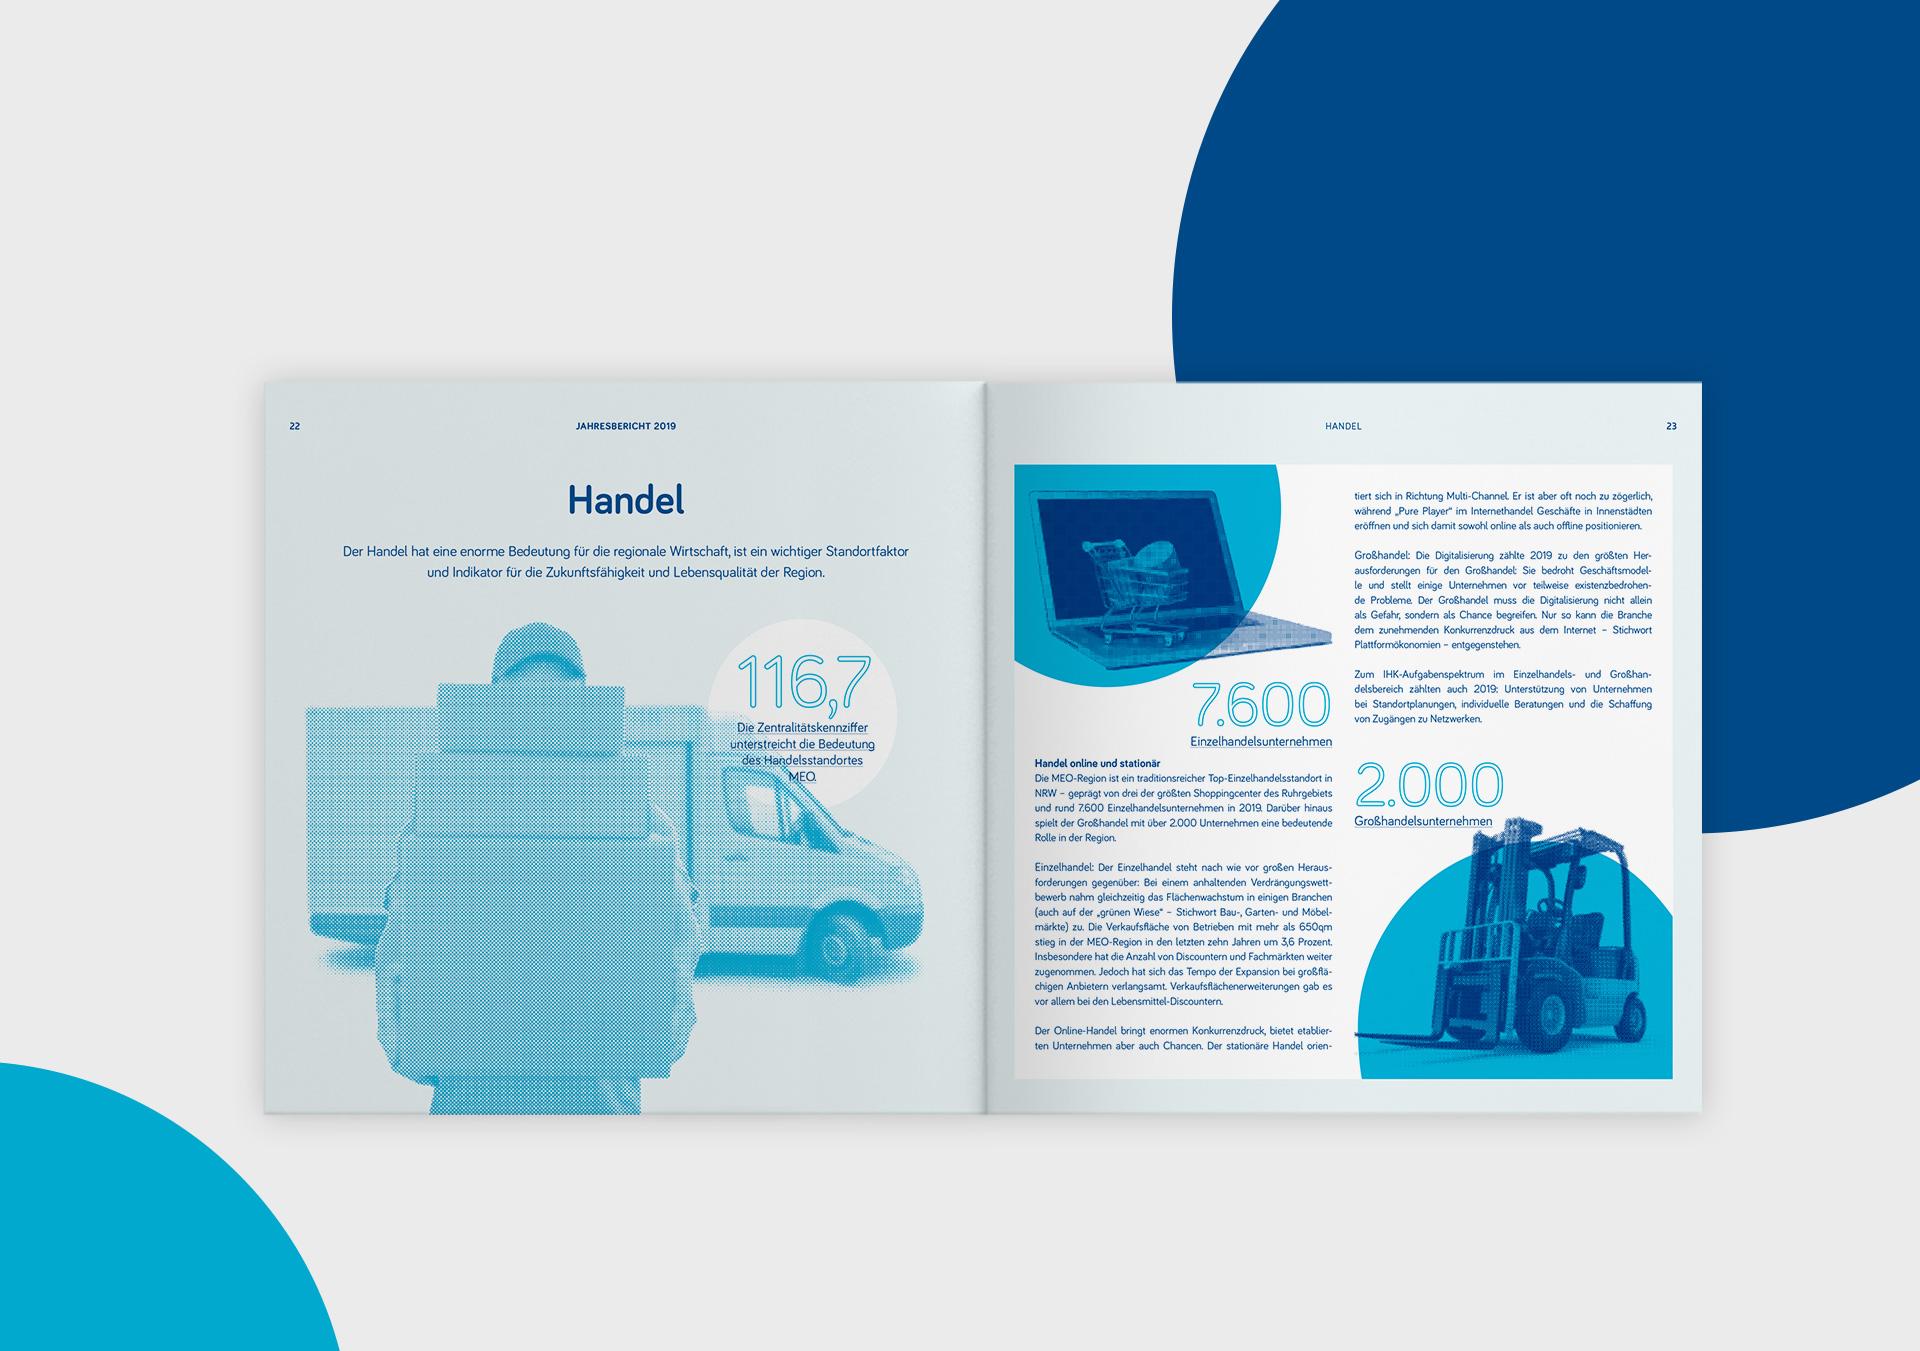 IHK-Jahresbericht 2019